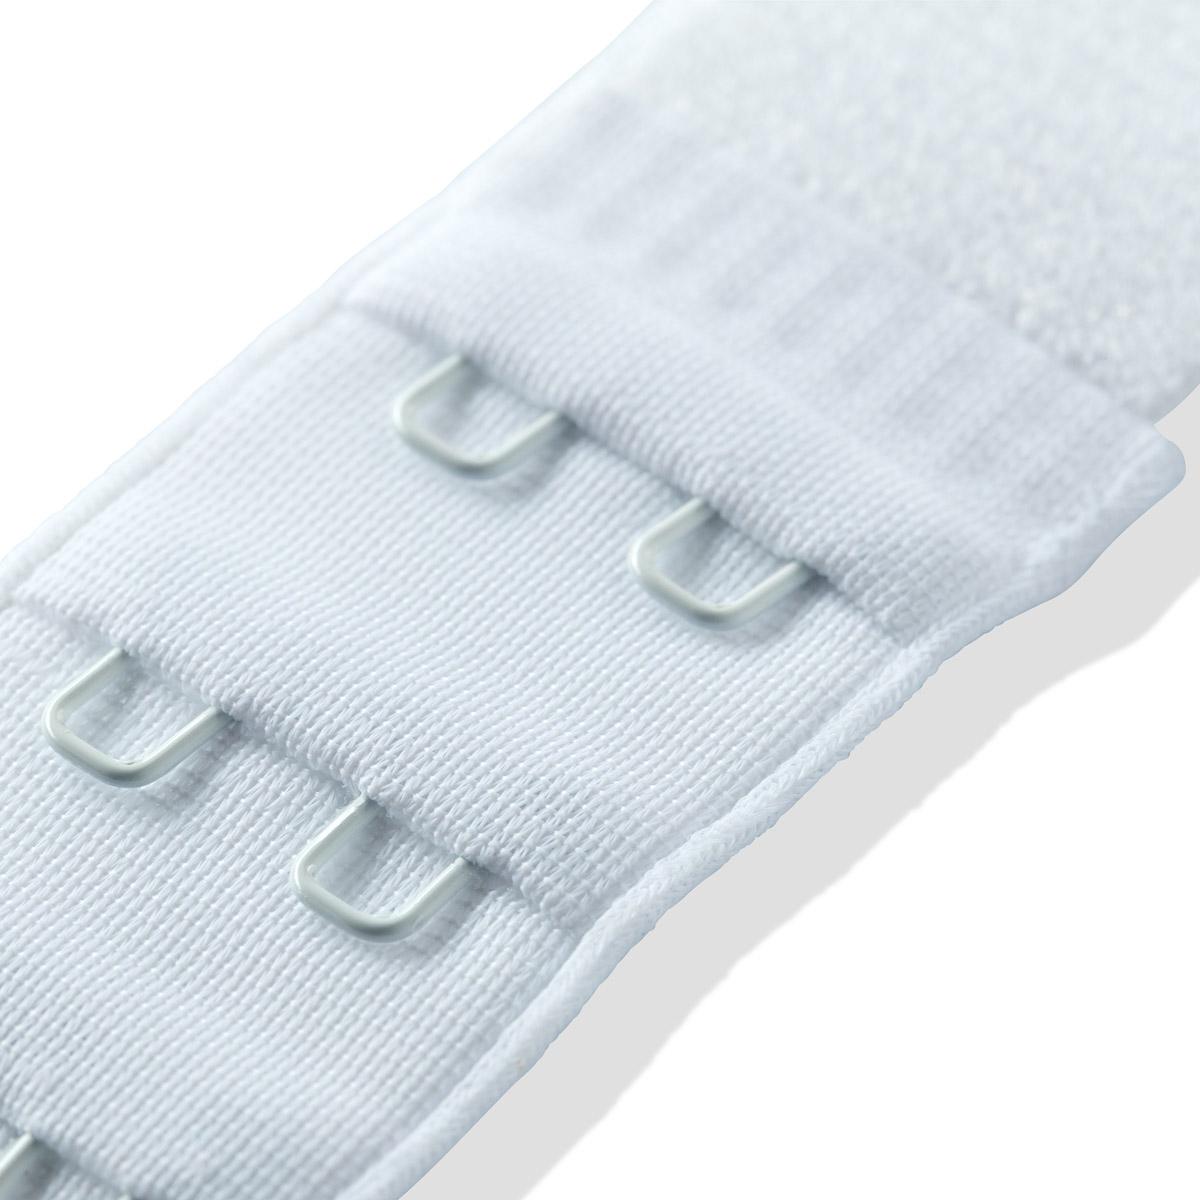 992130 Удлинитель застежки бюстгальтера, белый, 25 мм, 3*2 крючка, Prym